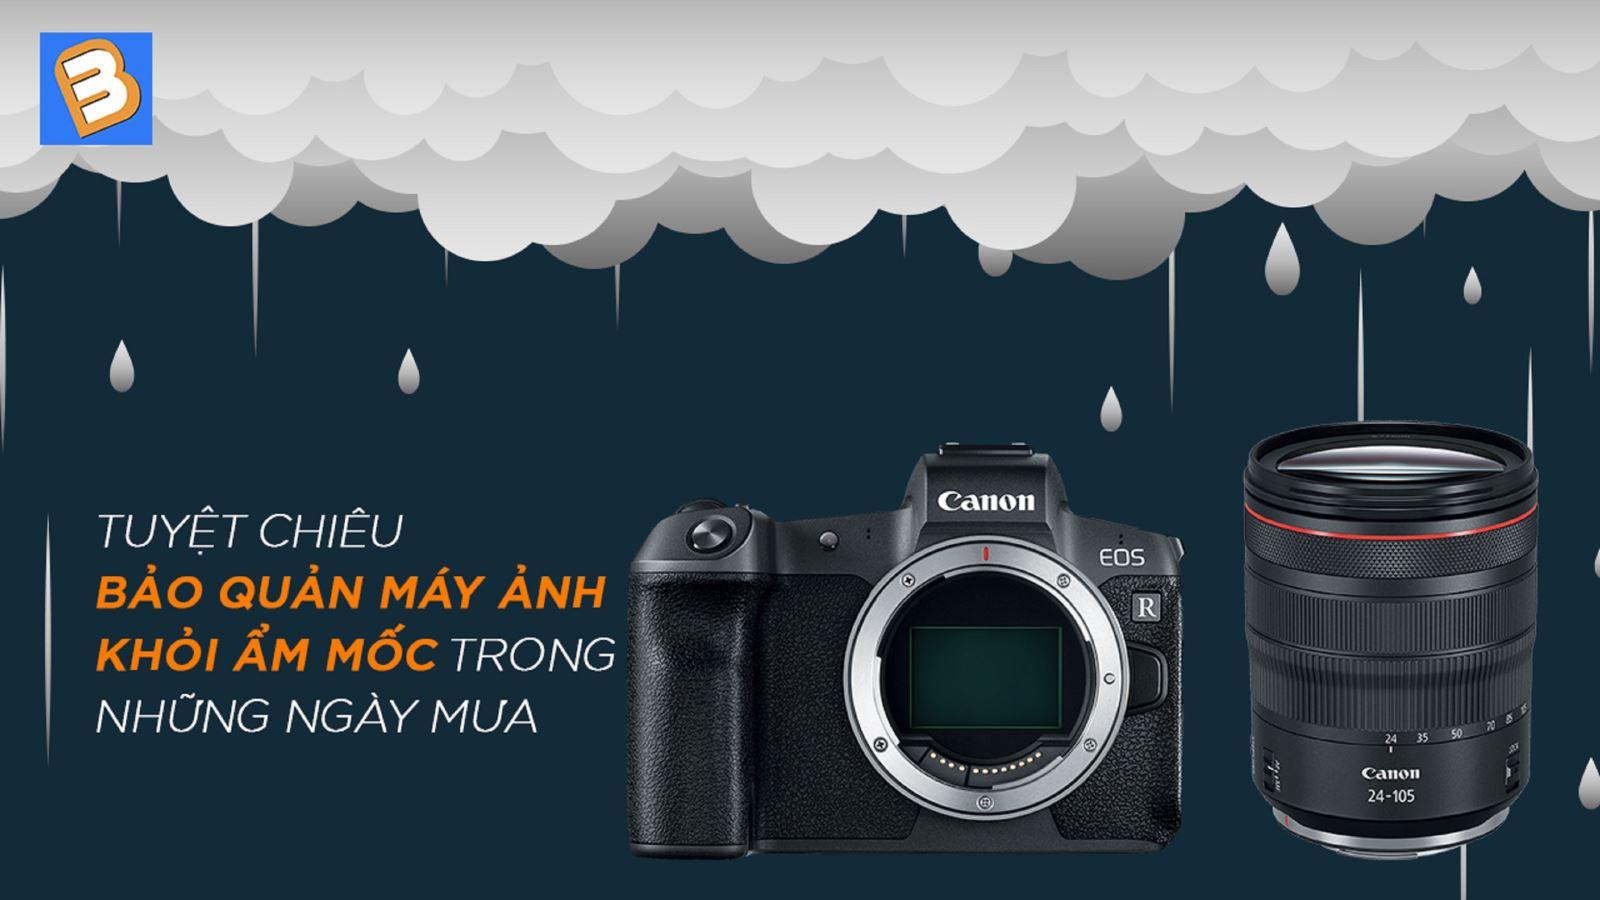 Tuyệt chiêu bảo quản máy ảnh khỏi ẩm mốc trong những ngày mưa